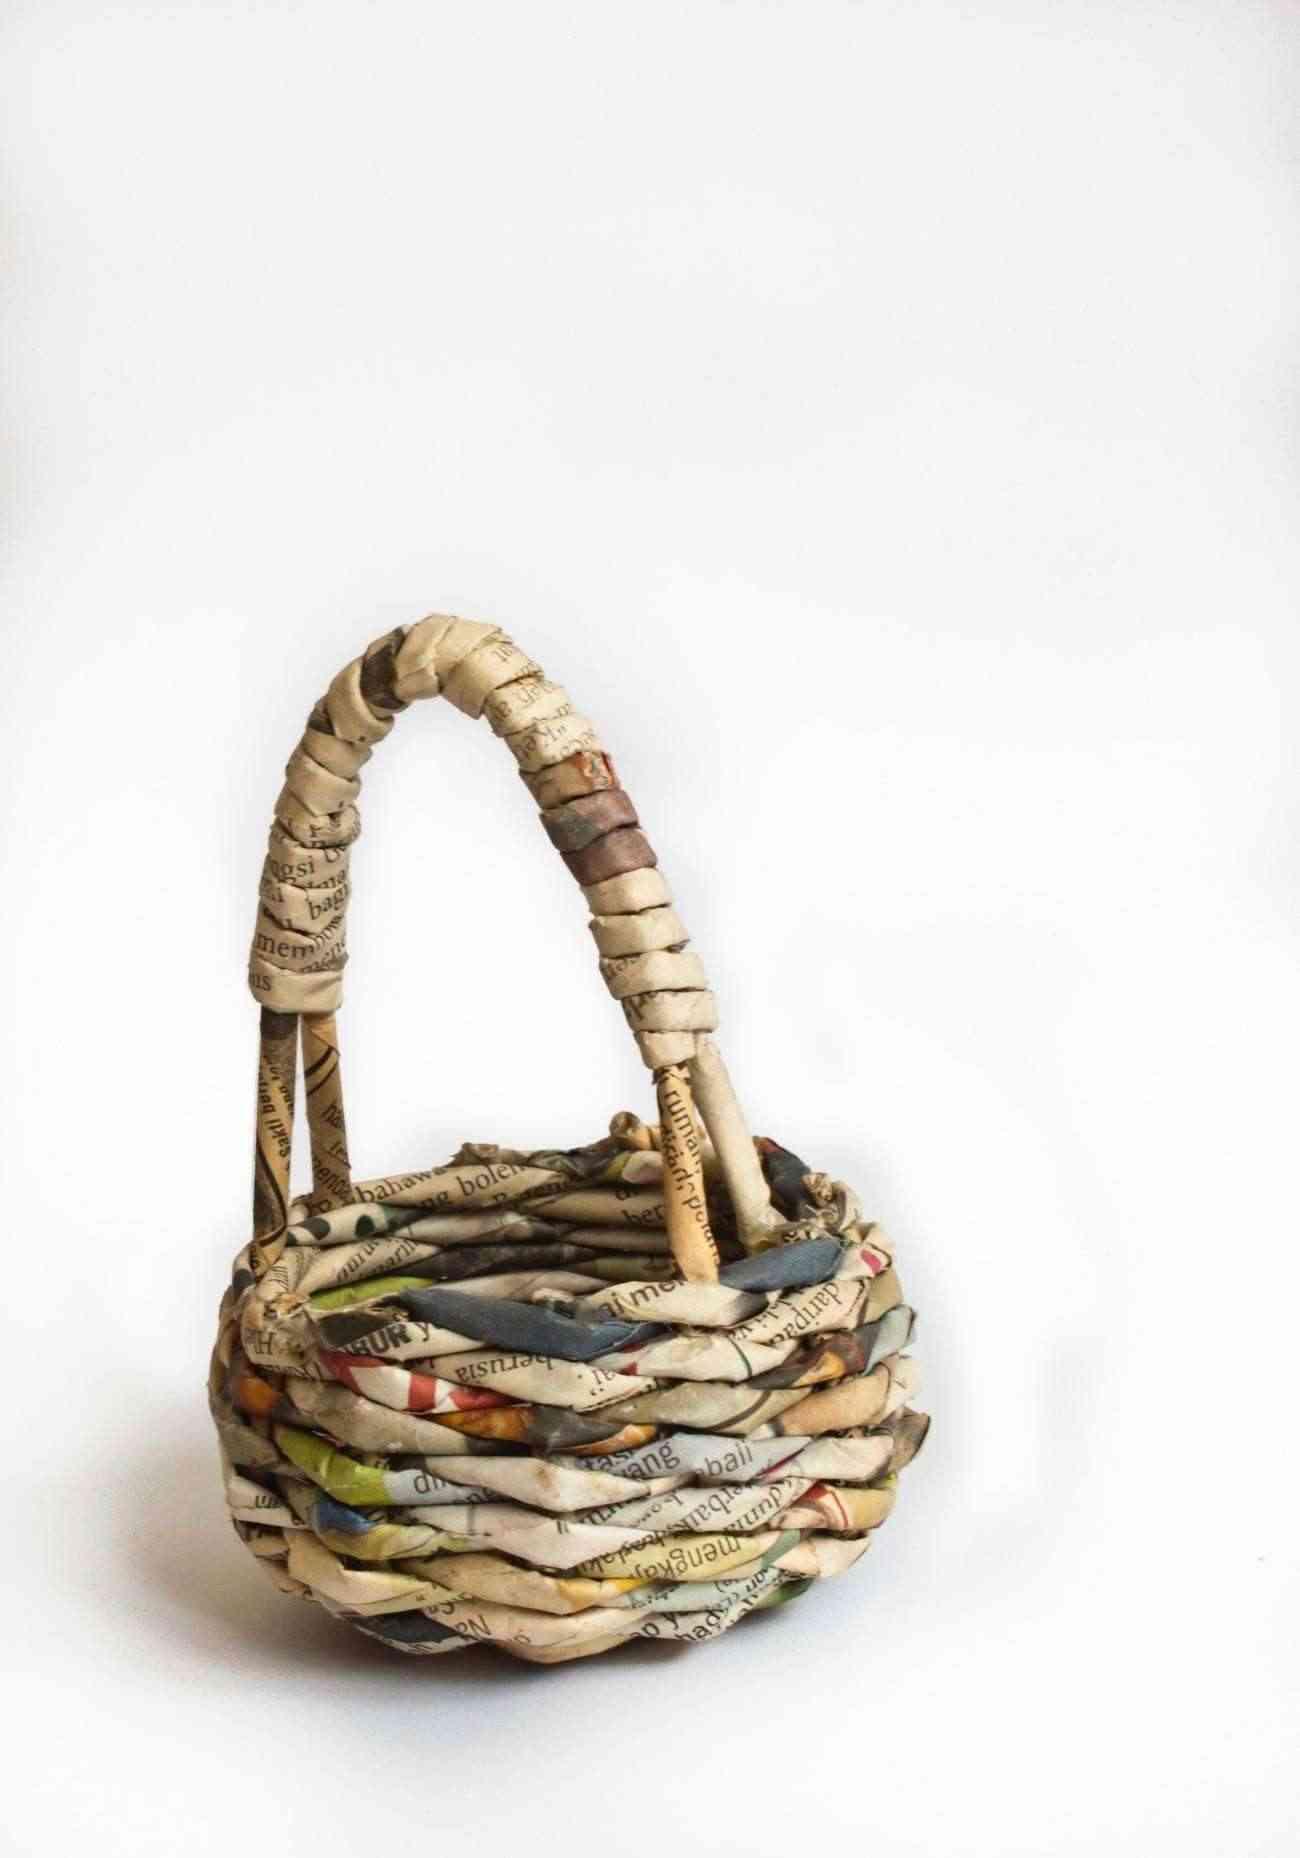 C mo hacer una cesta de papel reciclado paso a paso - Decorar cestas de mimbre paso a paso ...